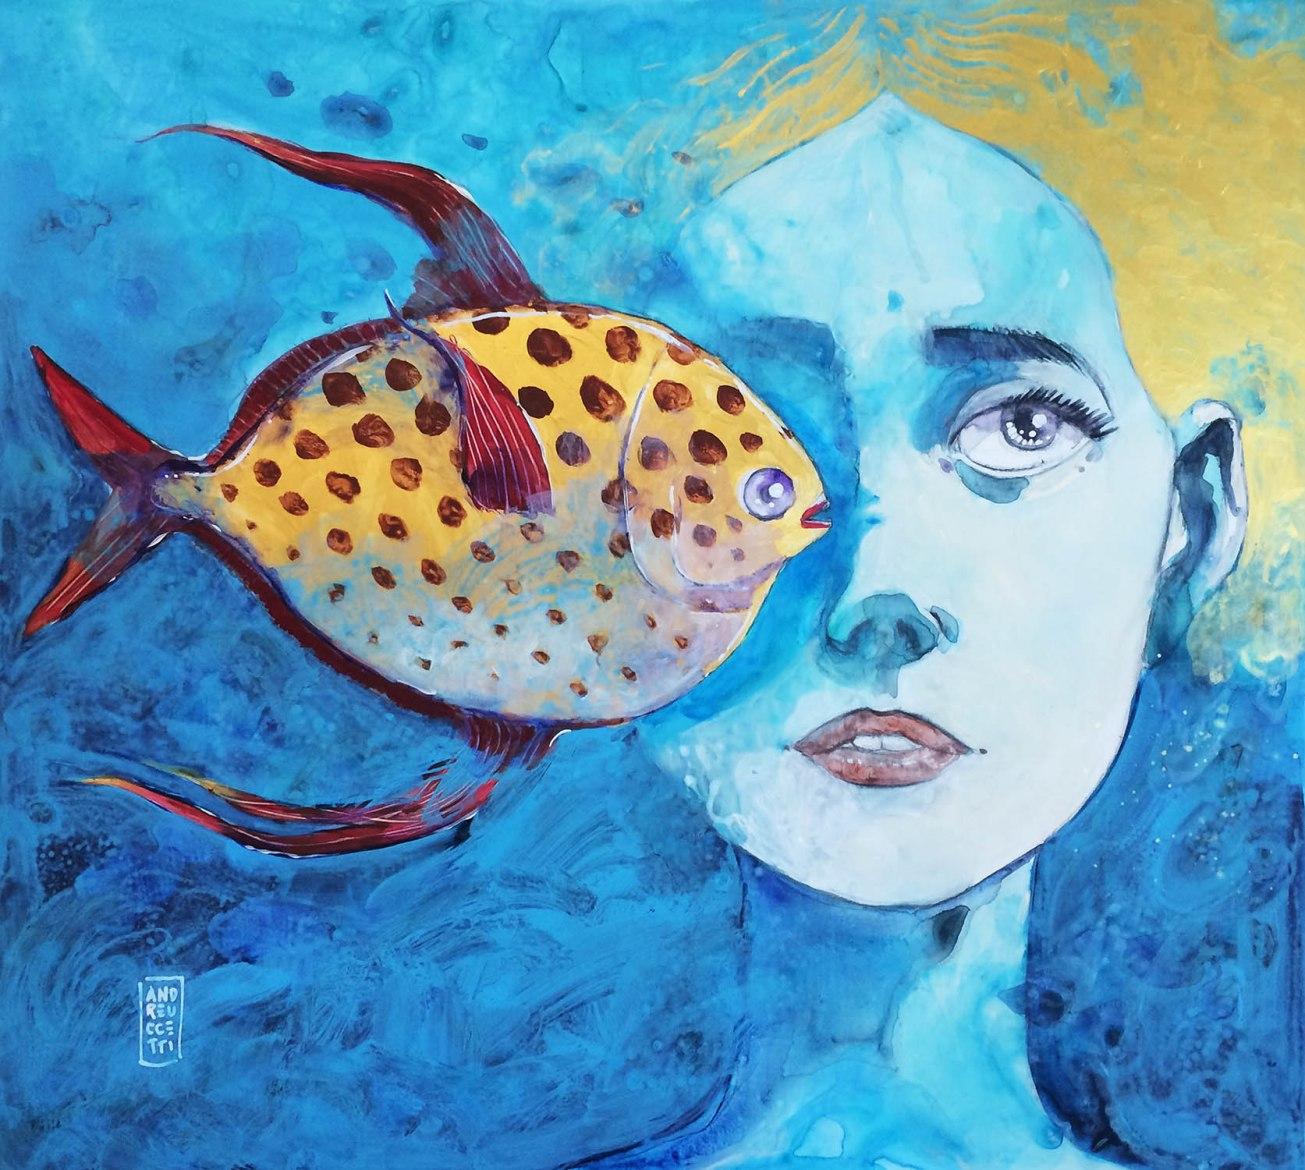 Il pesce re innamorato